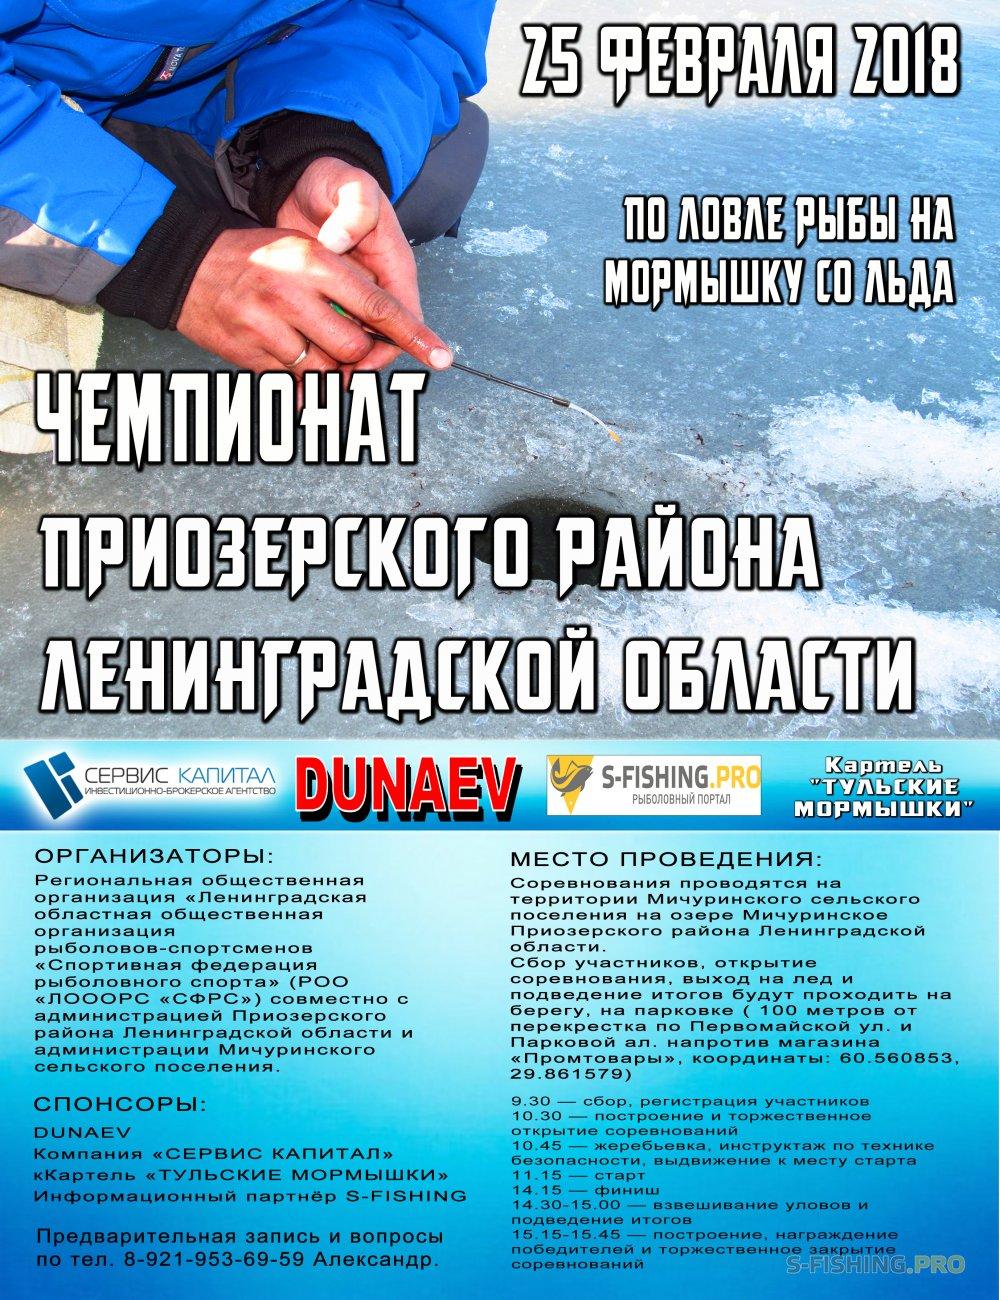 Мероприятия: «Чемпионат Приозерского района» по ловле рыбы на мормышку со льда 2018 года